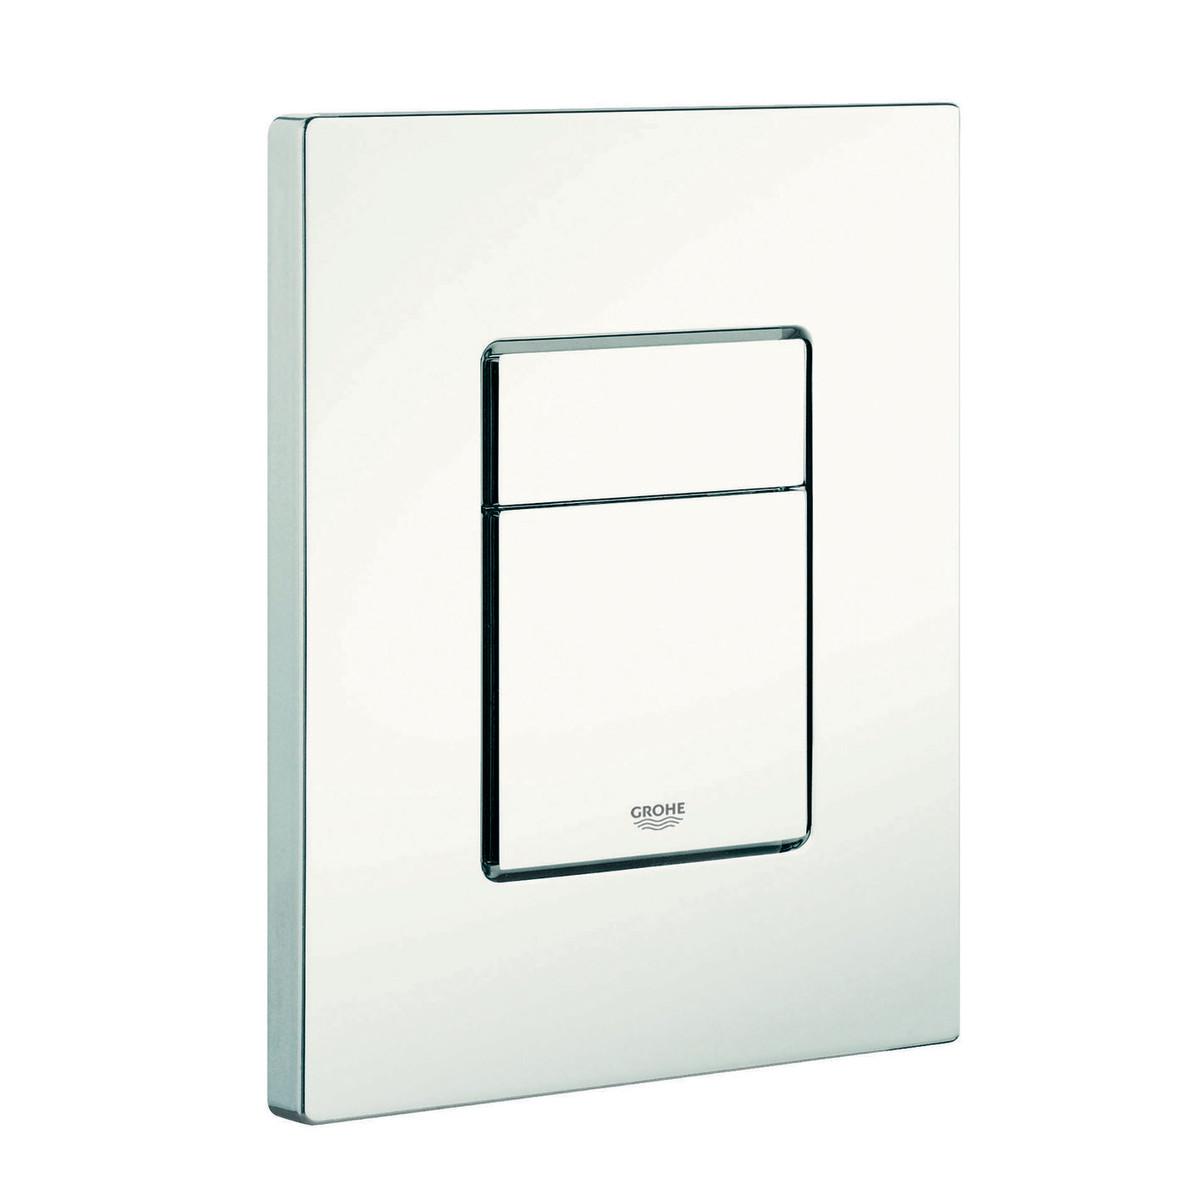 Grohe essential 40374000 accessorio bagno porta scopino prezzo e offerte sottocosto - Grohe accessori bagno ...